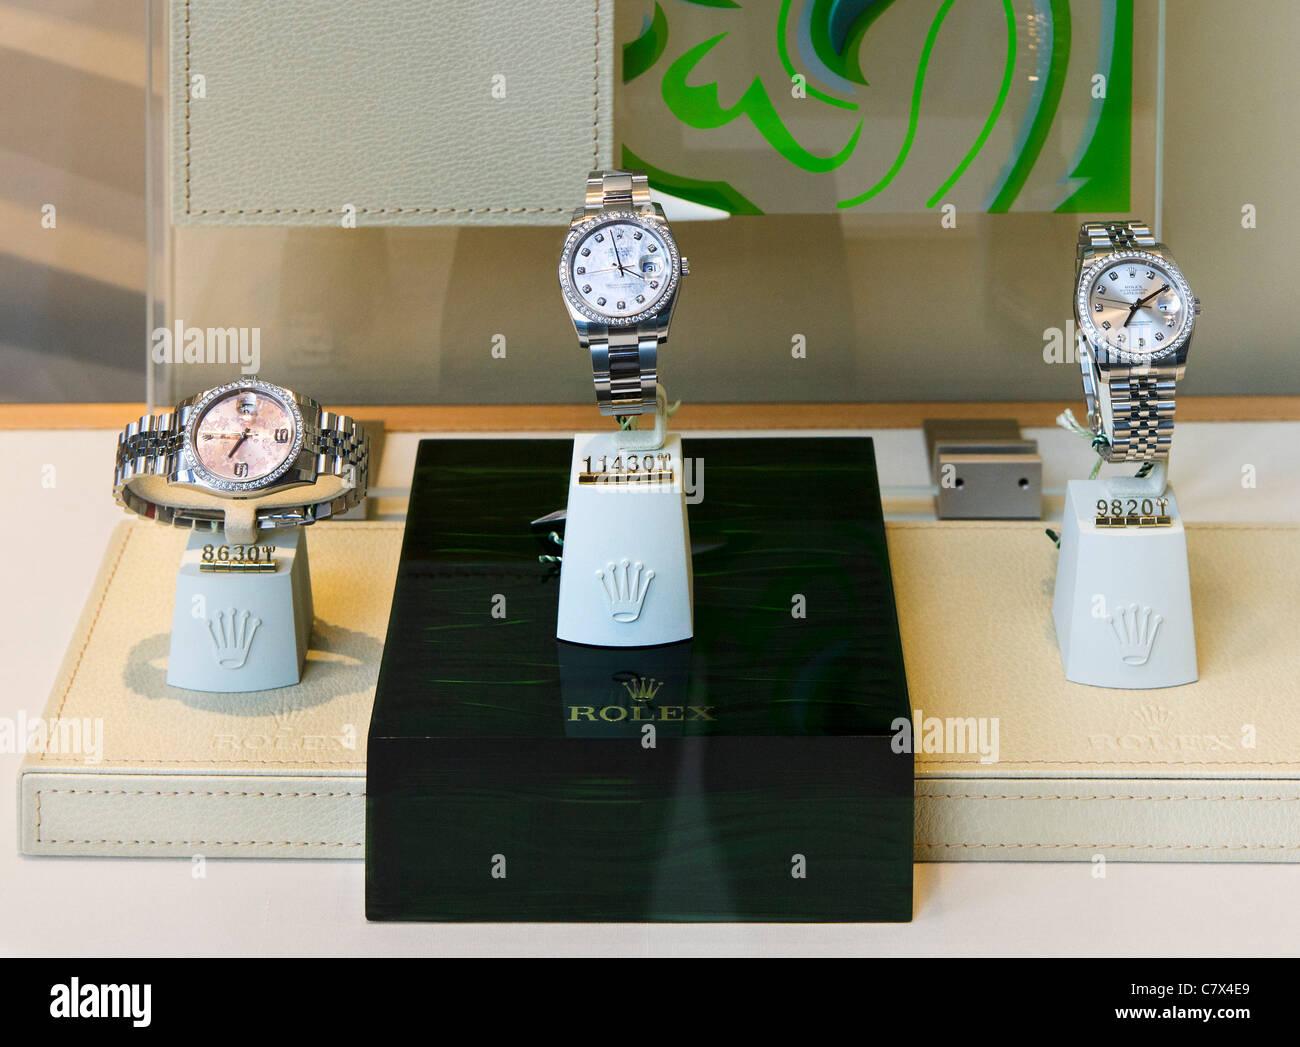 1cb066890afb19 Gli orologi Rolex per la vendita in un negozio esclusivo in Knightsbridge,  Londra, Inghilterra